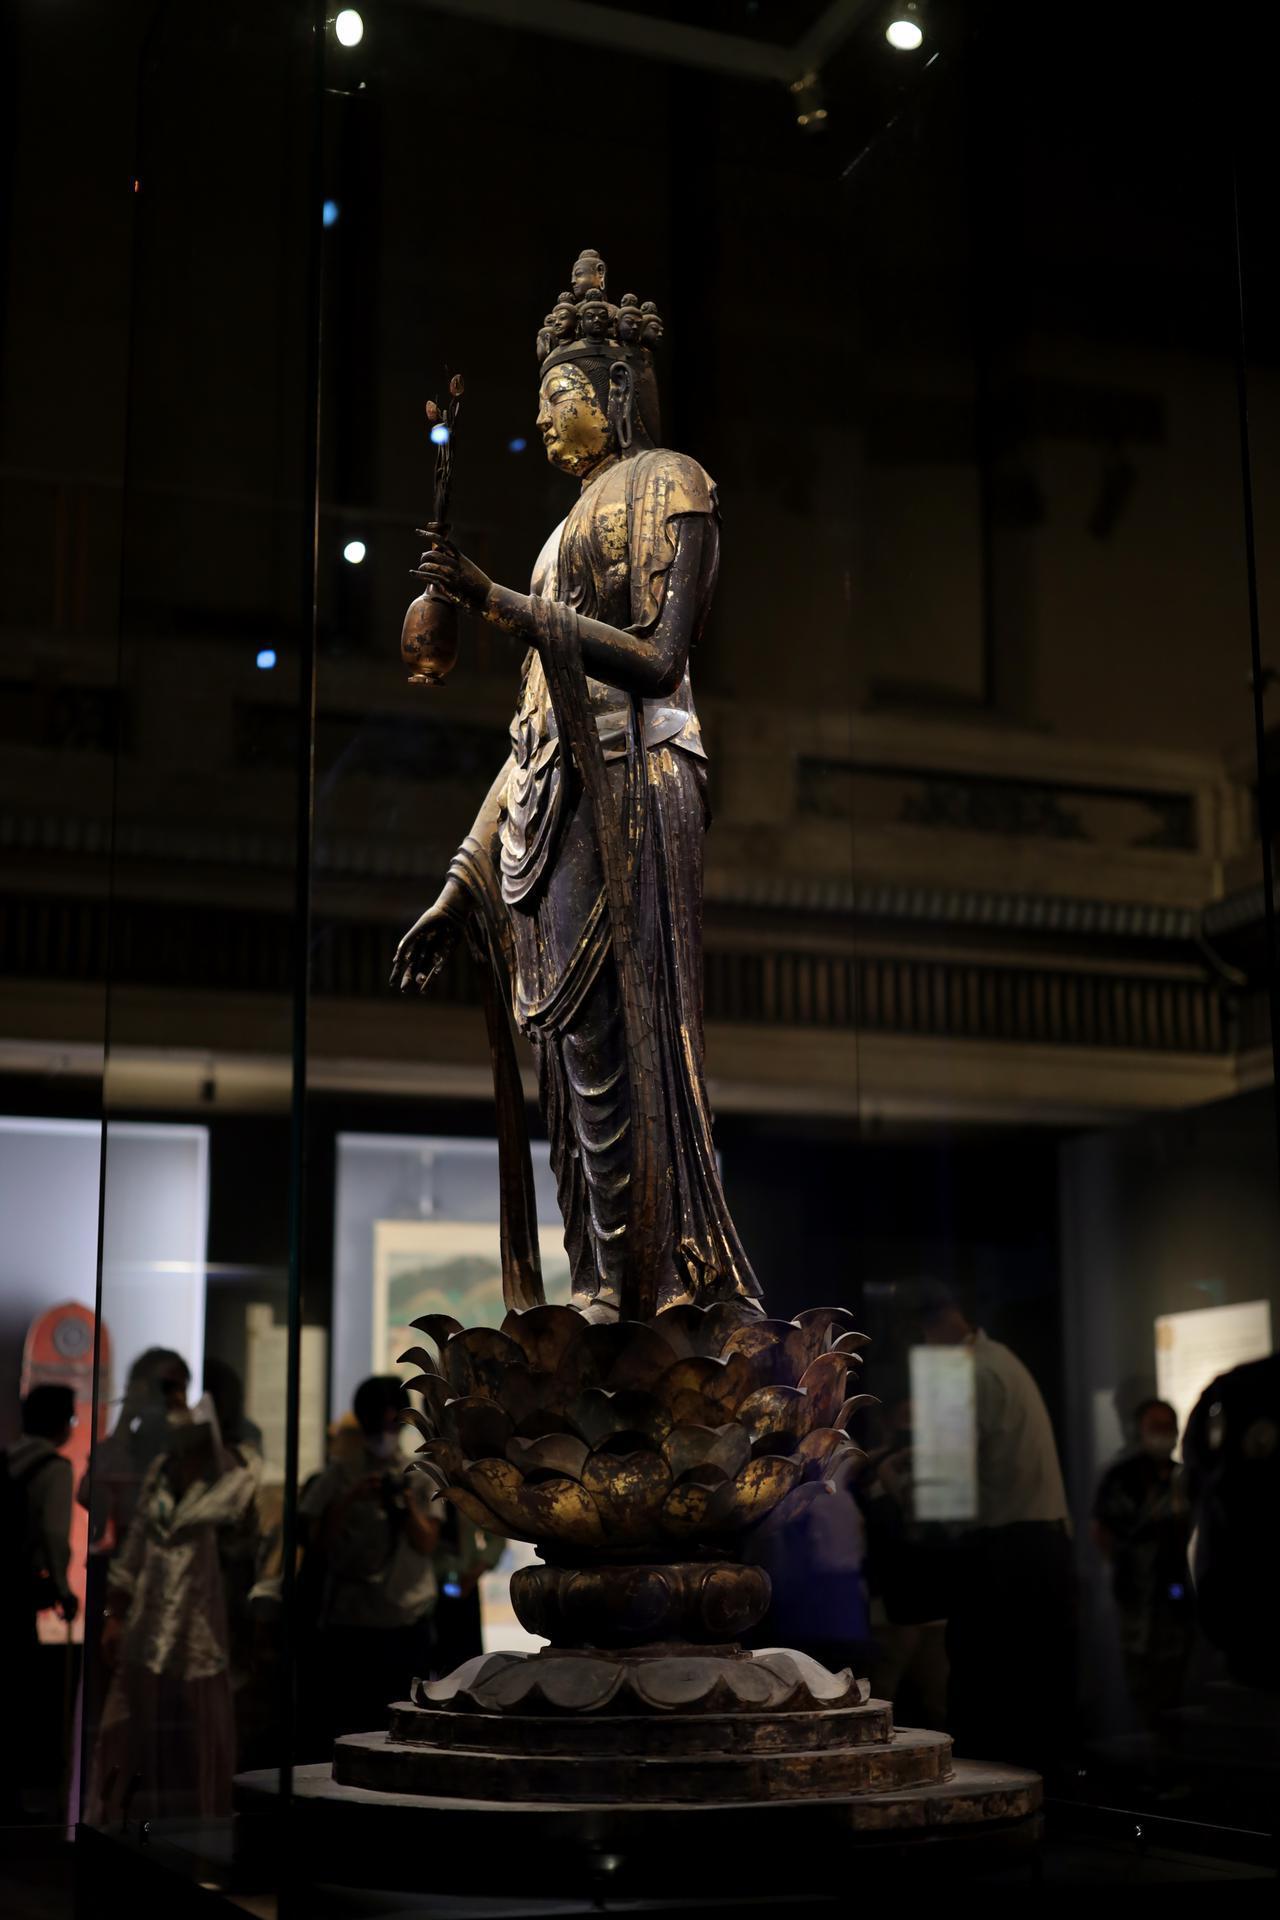 画像1: 国宝 十一面観音菩薩立像 奈良時代・8世紀 奈良・聖林寺蔵